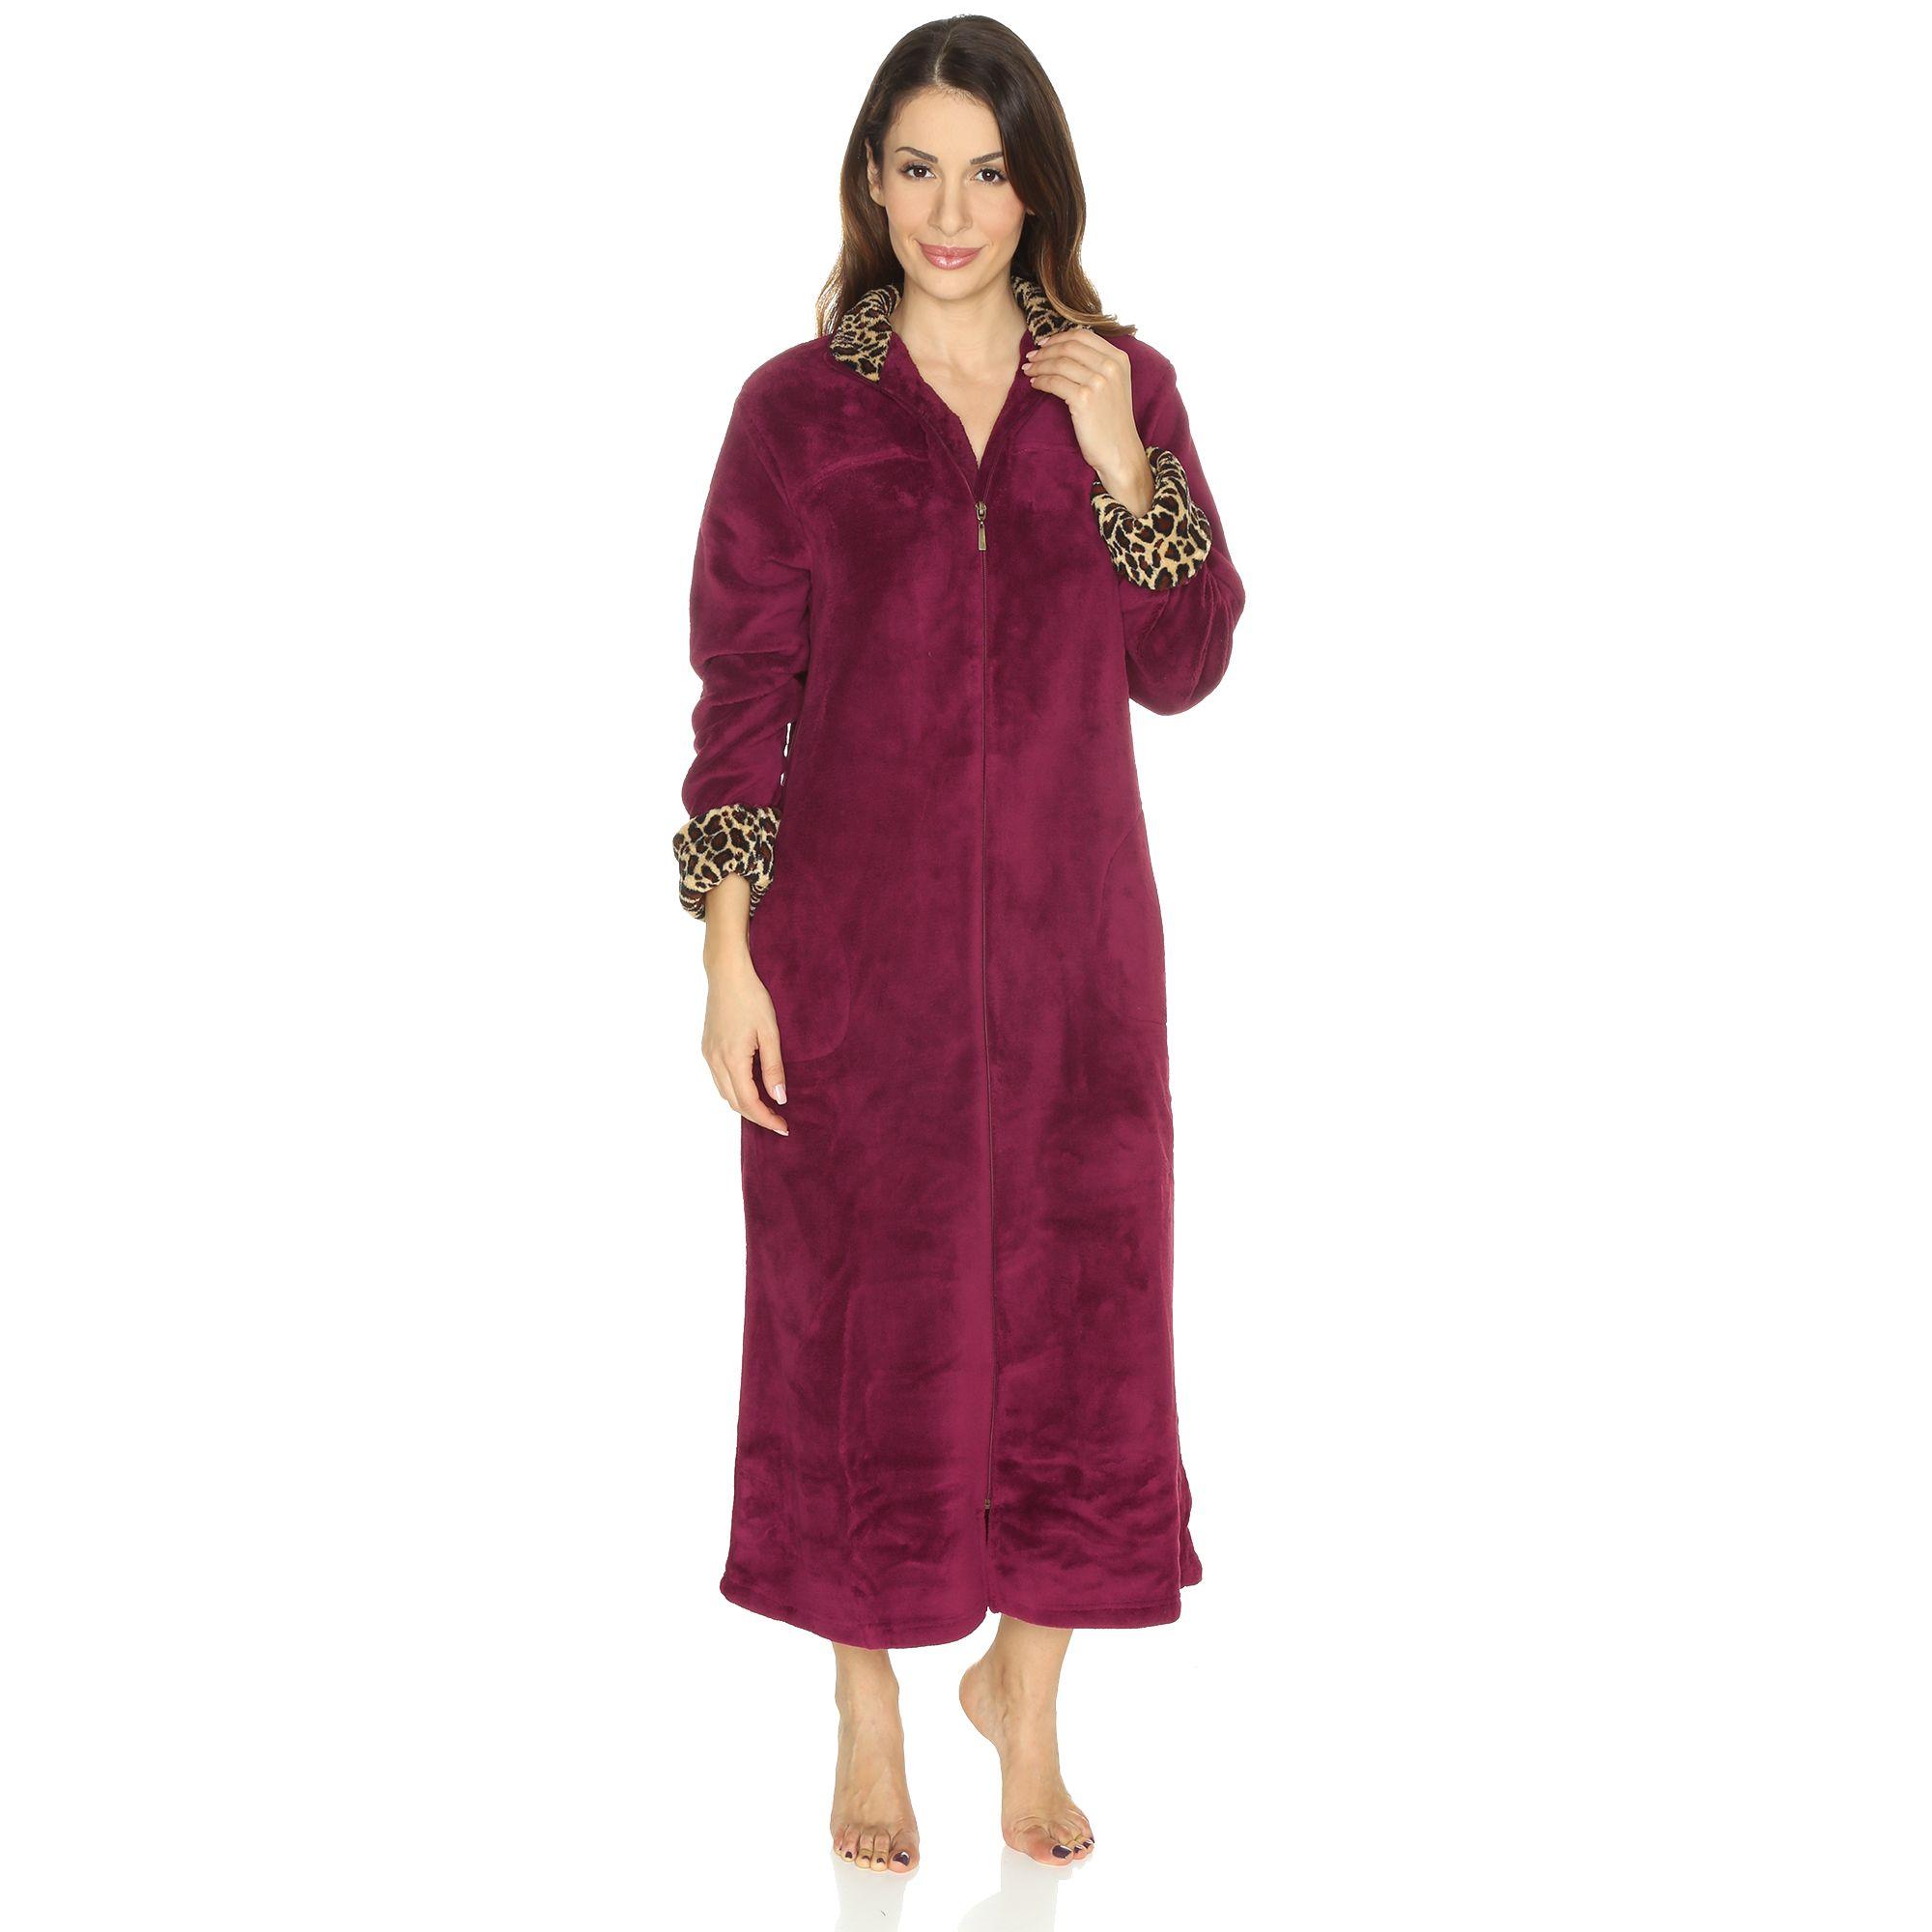 Robe De Chambre Femme Courtelle Robe De Chambre Courtelle With